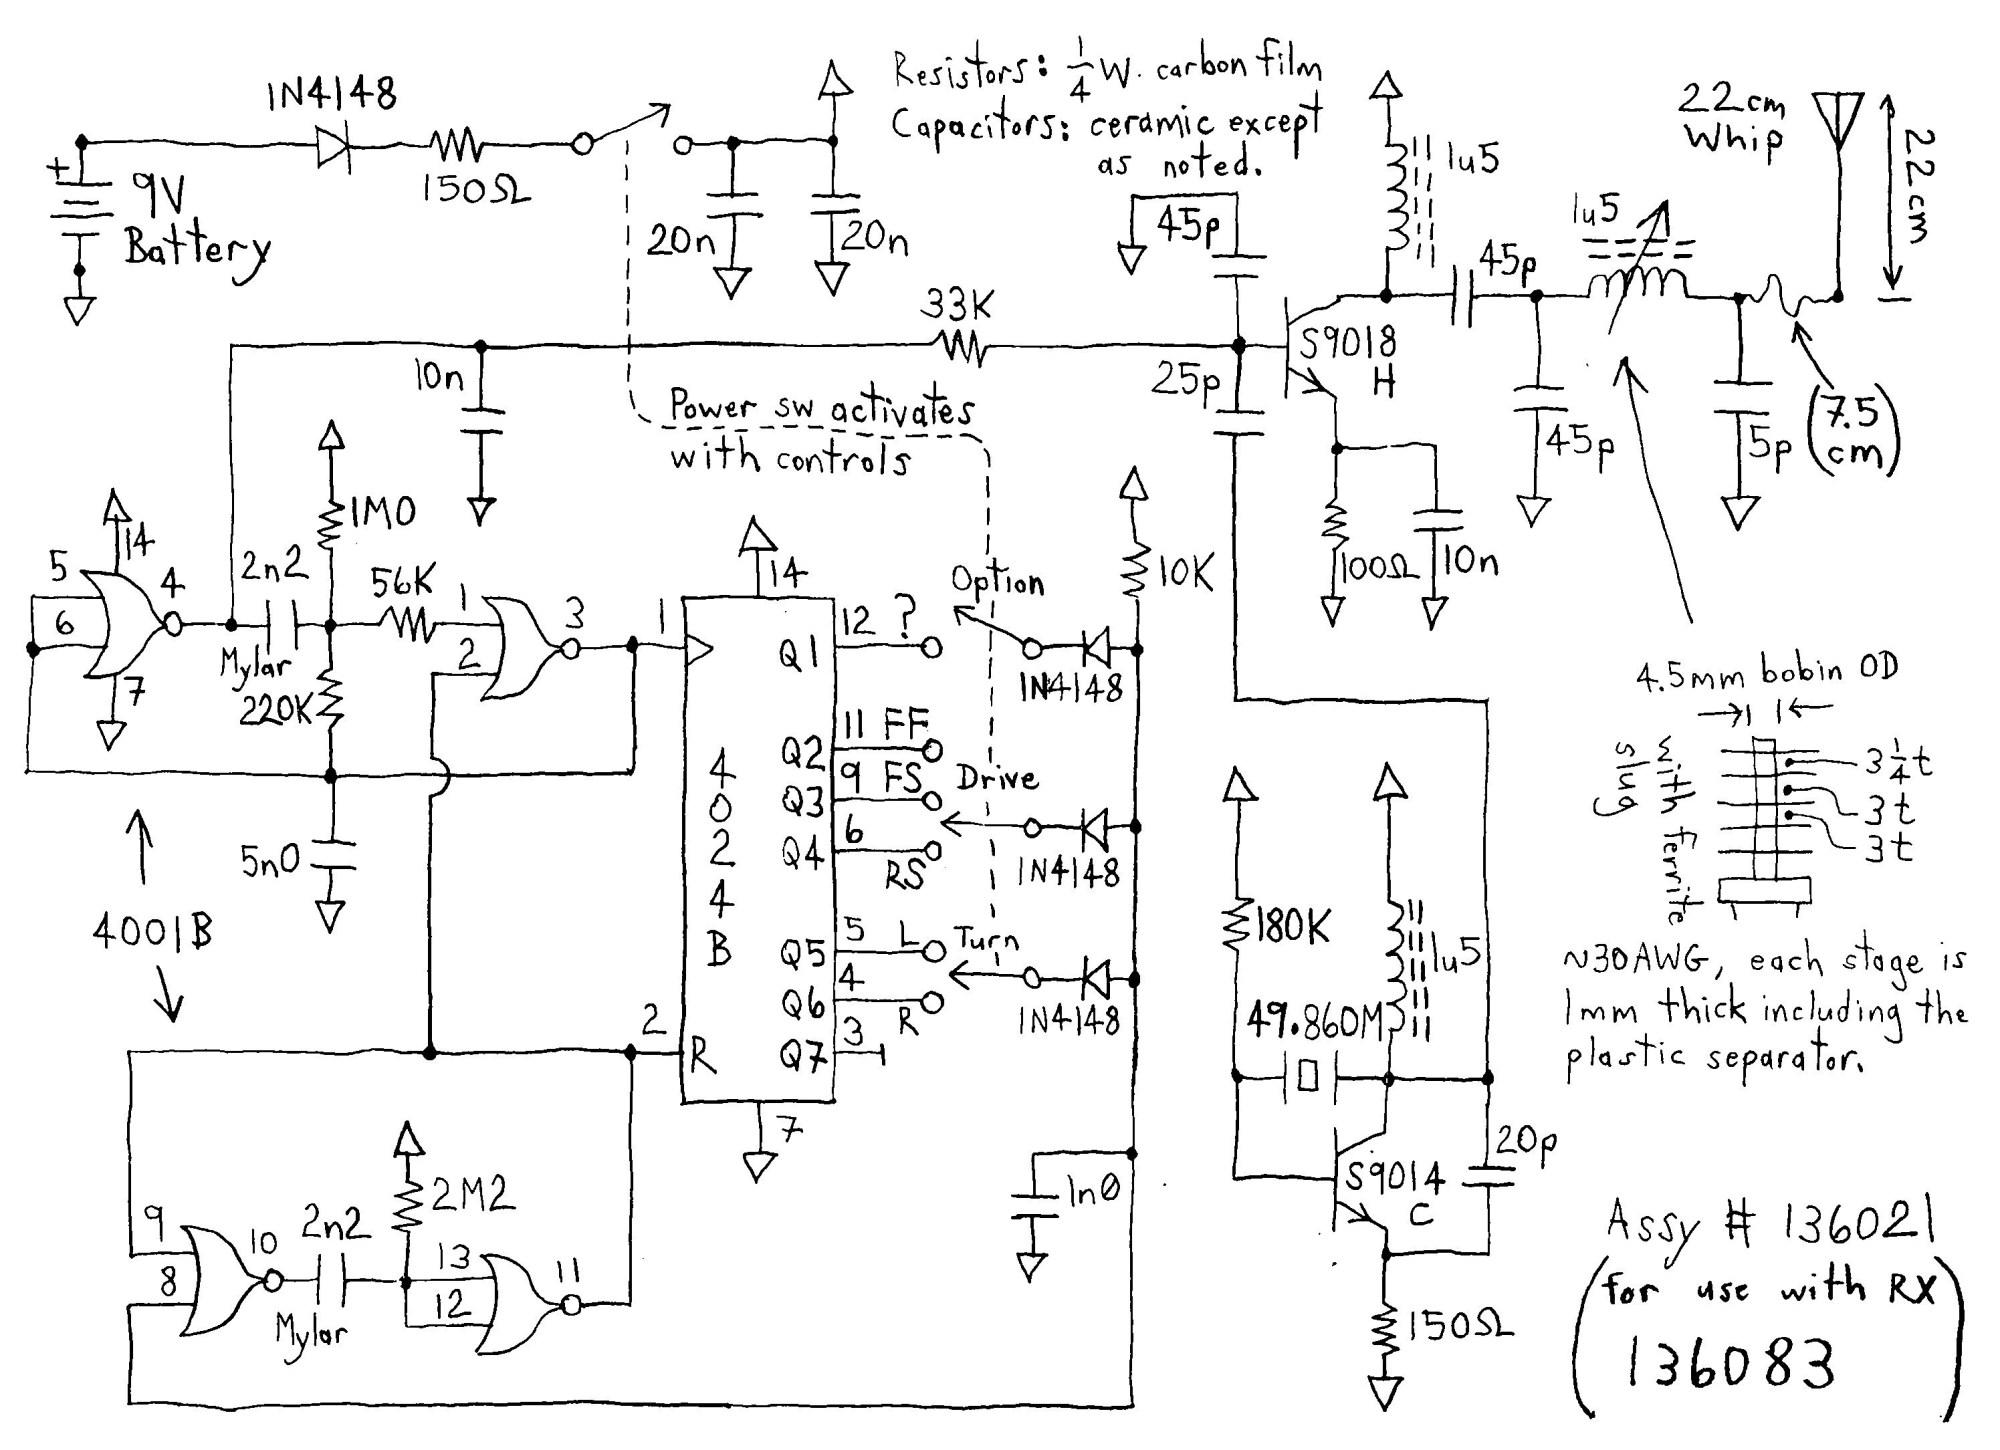 hight resolution of 2001 blazer engine diagram 2002 chevy blazer radio wiring schematic chevrolet wiring diagrams of 2001 blazer